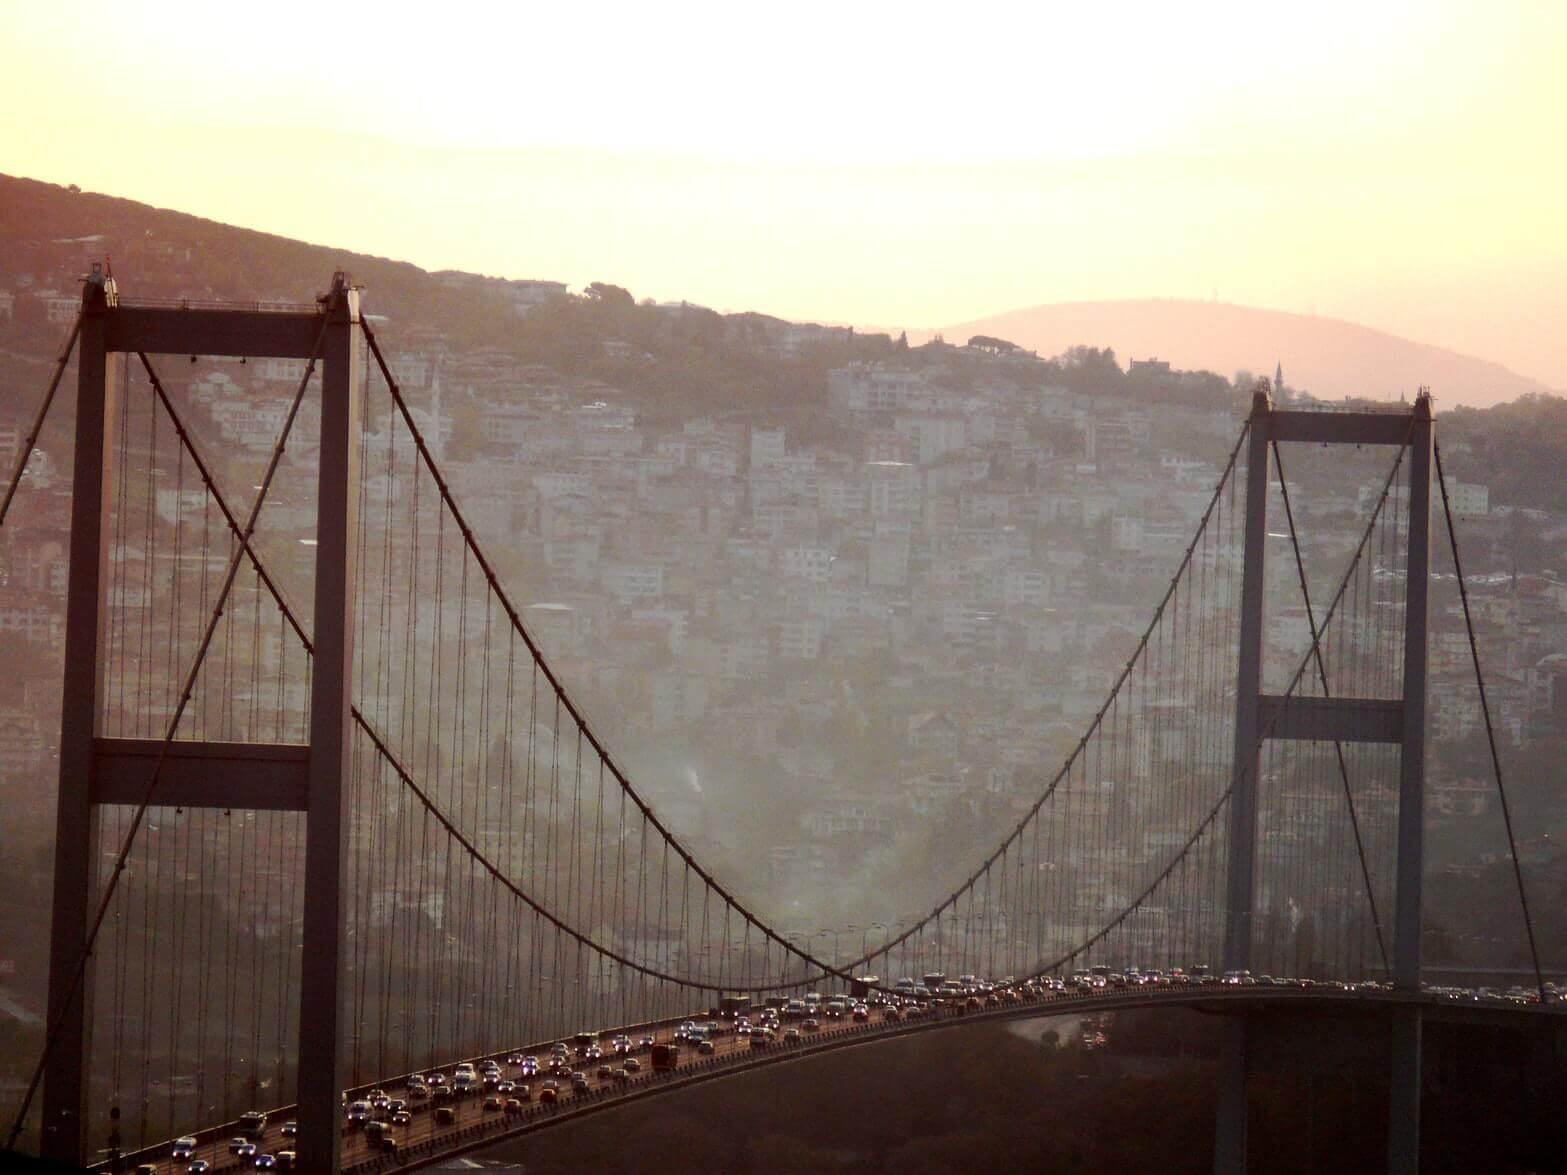 Давай не в Стамбул: бюджет и маршрут на 5 дней и 4 города в Турции